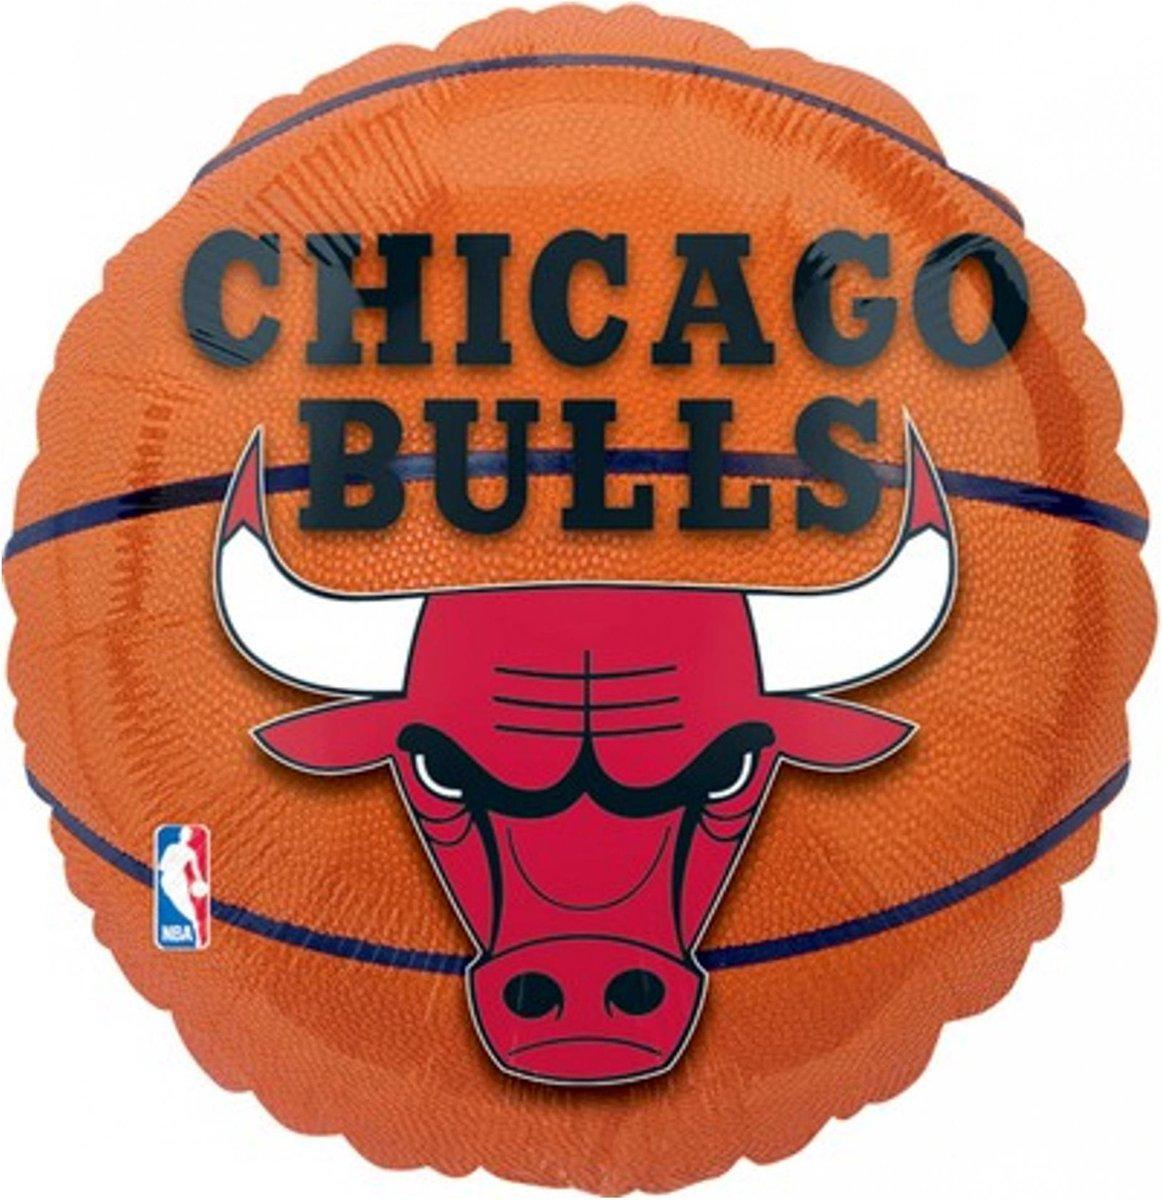 BIGIEMME SRL - Aluminium Chicago Bulls ballon - Decoratie > Ballonnen